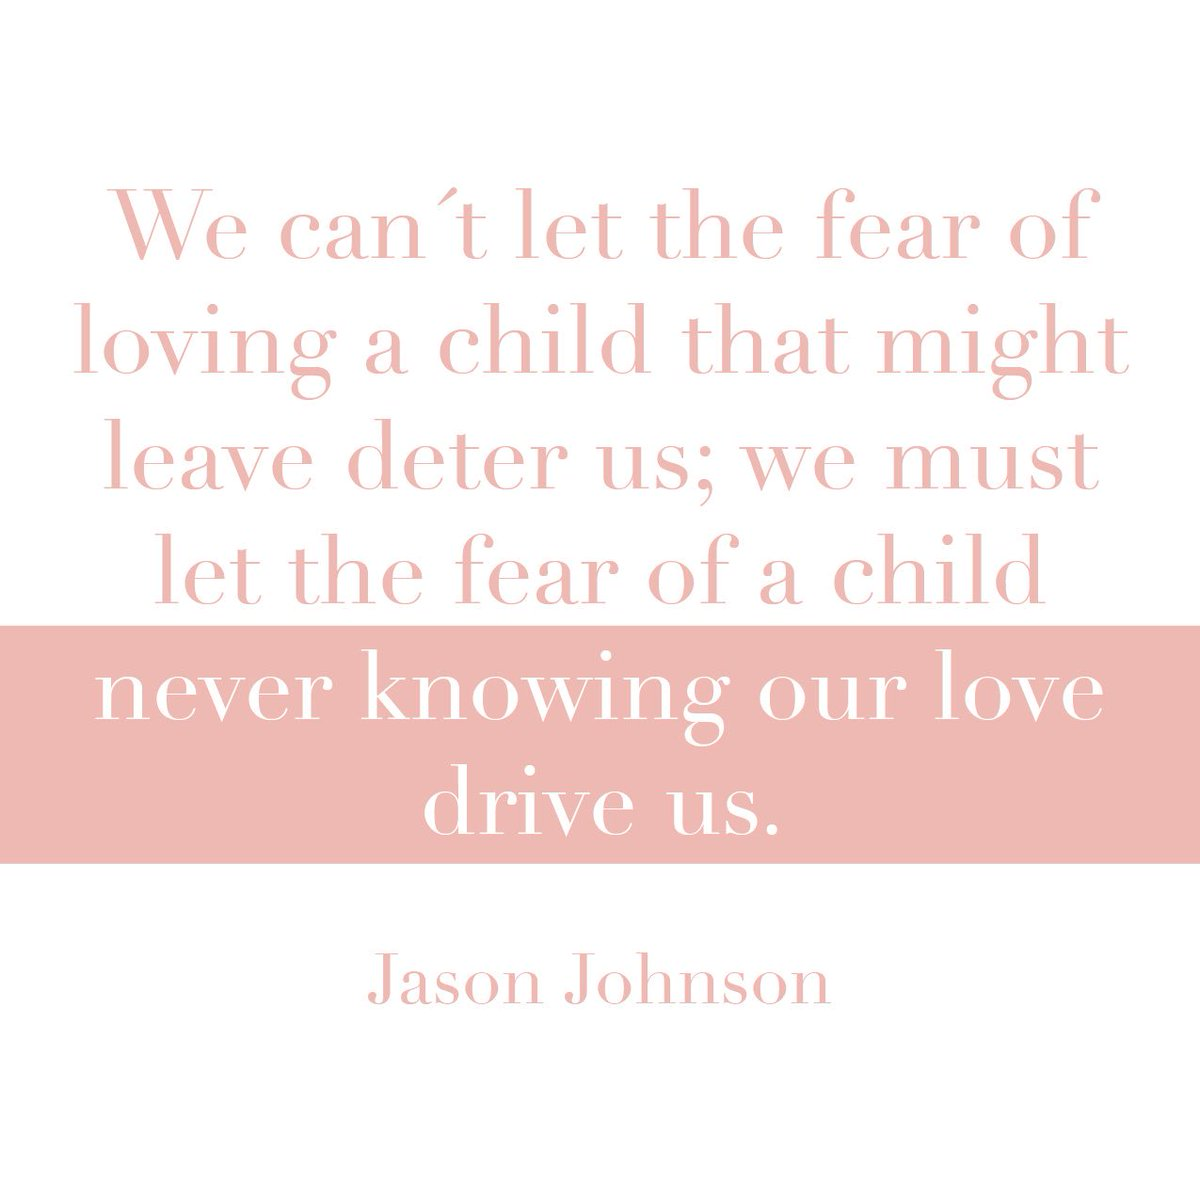 #letsfoster #loveachild #onechildatatime #nofear #fostering #worldfosterday #fostercare #foster #fosterparent #fosterkids #vulnerablechilldren #4thekids #jasonjohnsonblog